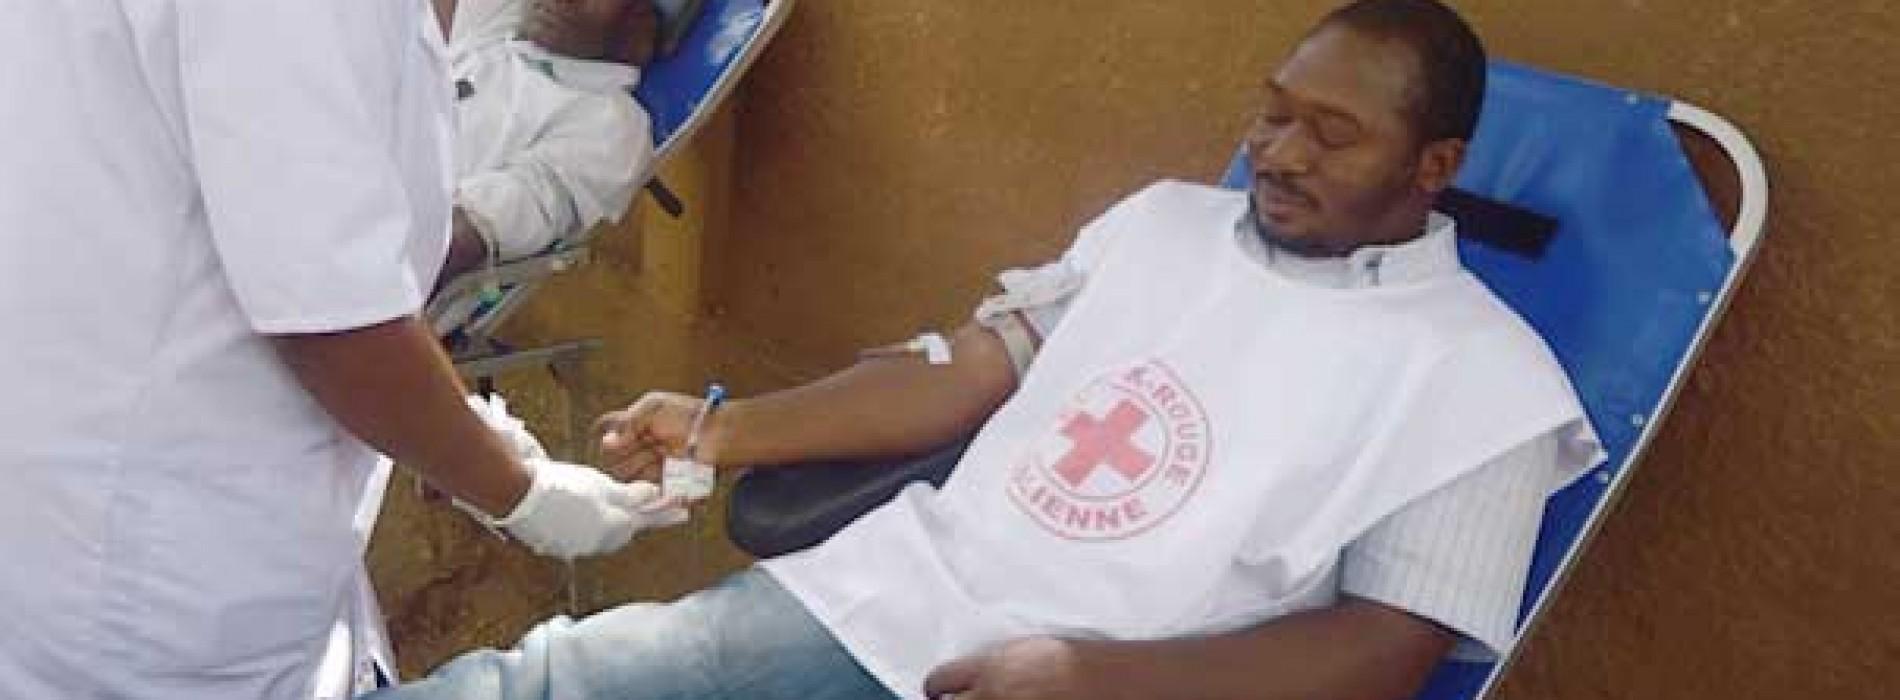 Don de sang : La Croix-Rouge malienne renforce le Centre de santé communautaire de la Commune 1 en matériel de transfusion sanguine